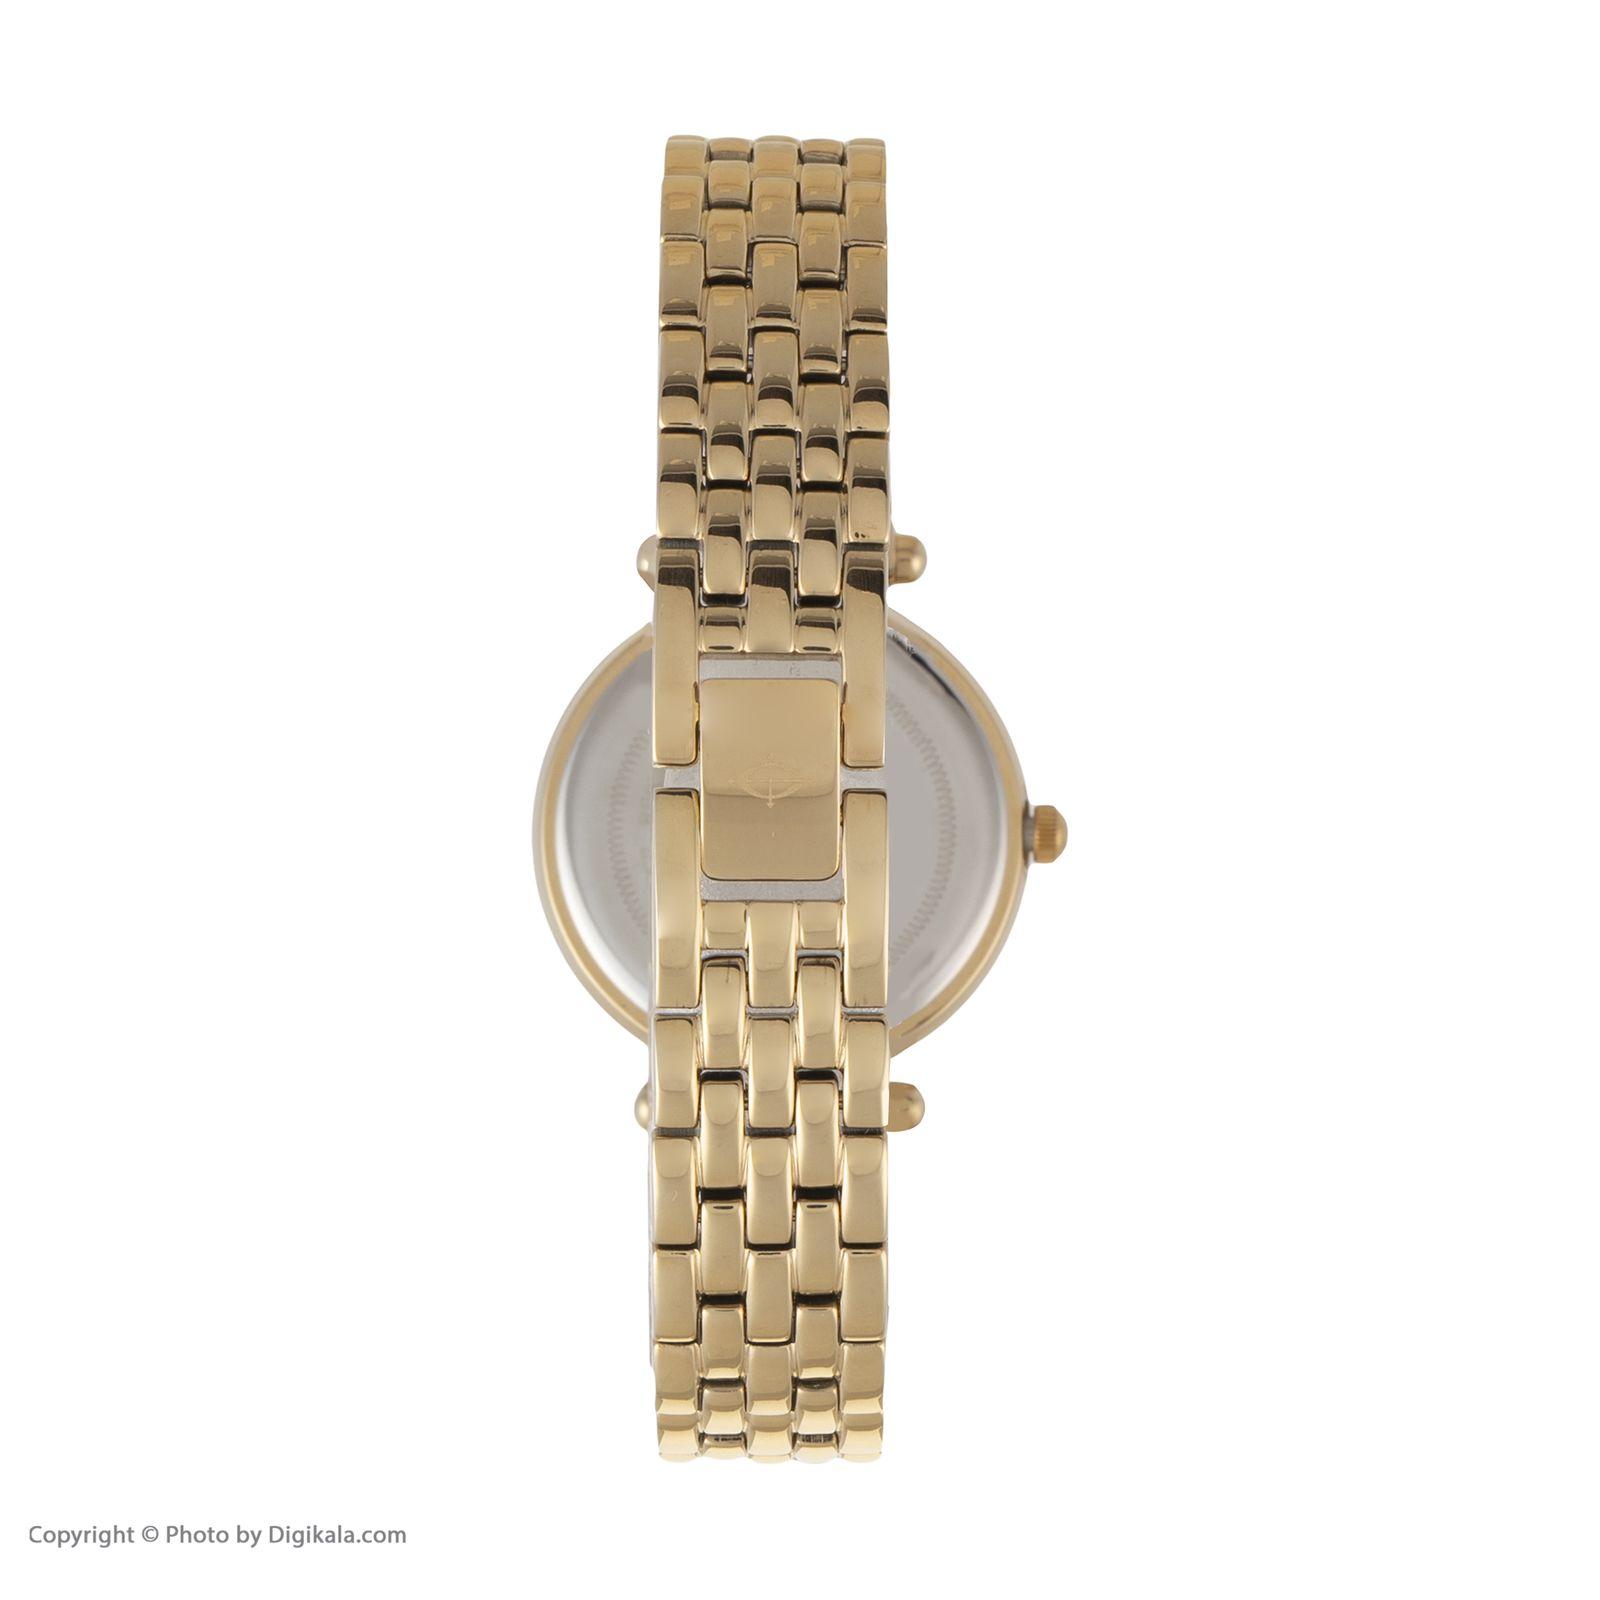 ساعت مچی عقربه ای زنانه کنتیننتال مدل 17004-LT202601 -  - 2